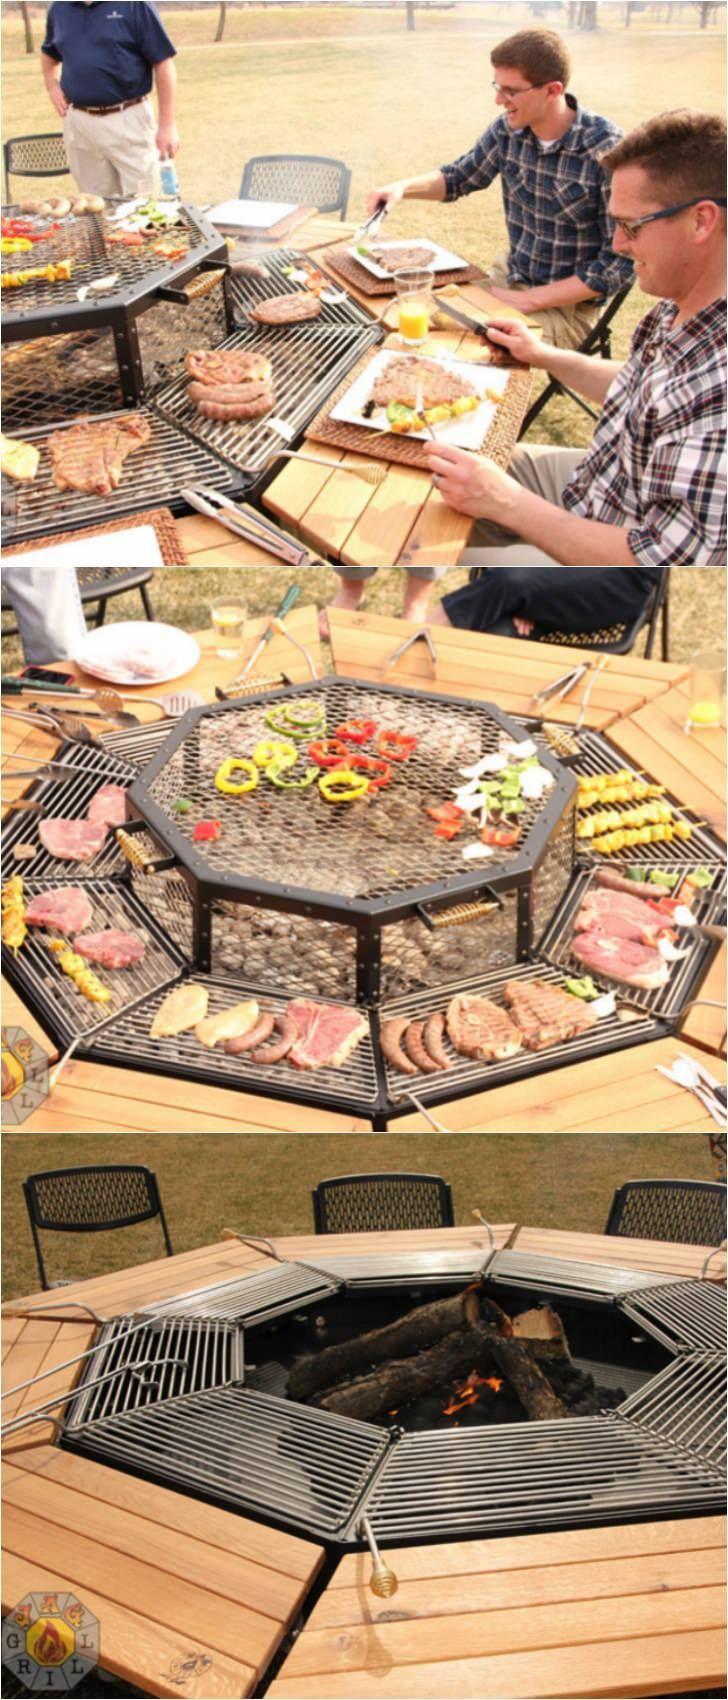 Die ultimative Feuerstelle-Grill- und Tisch-Kombi-Grillgrills, Grill- und Feuergruben #feuerstellegarten